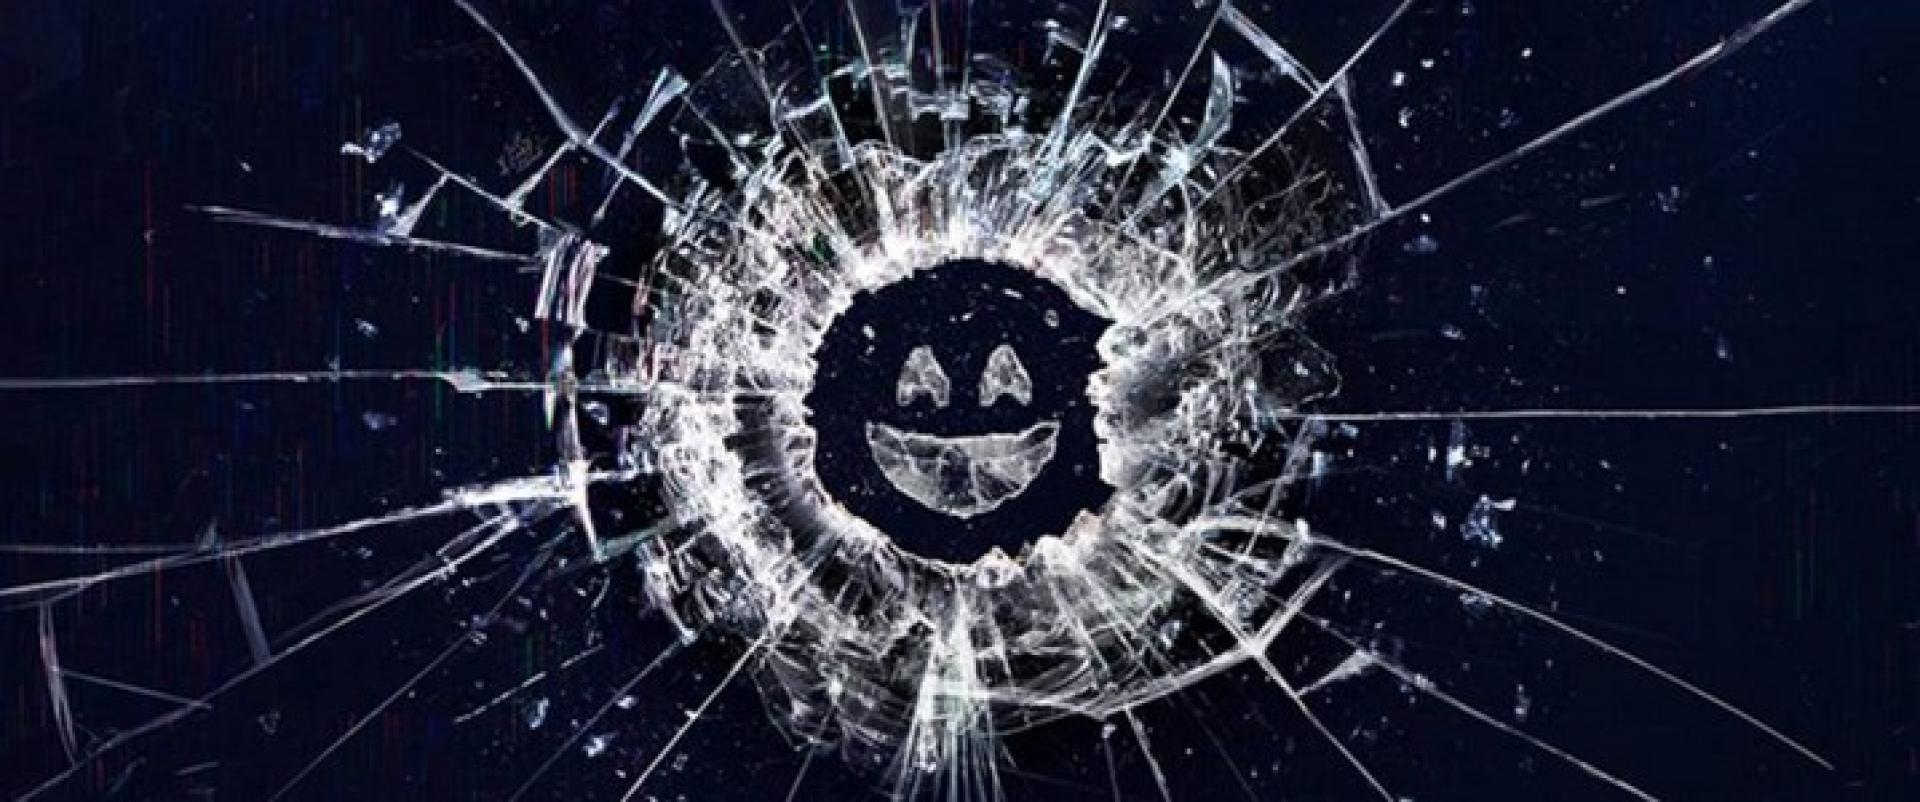 Black Mirror: 3 évad